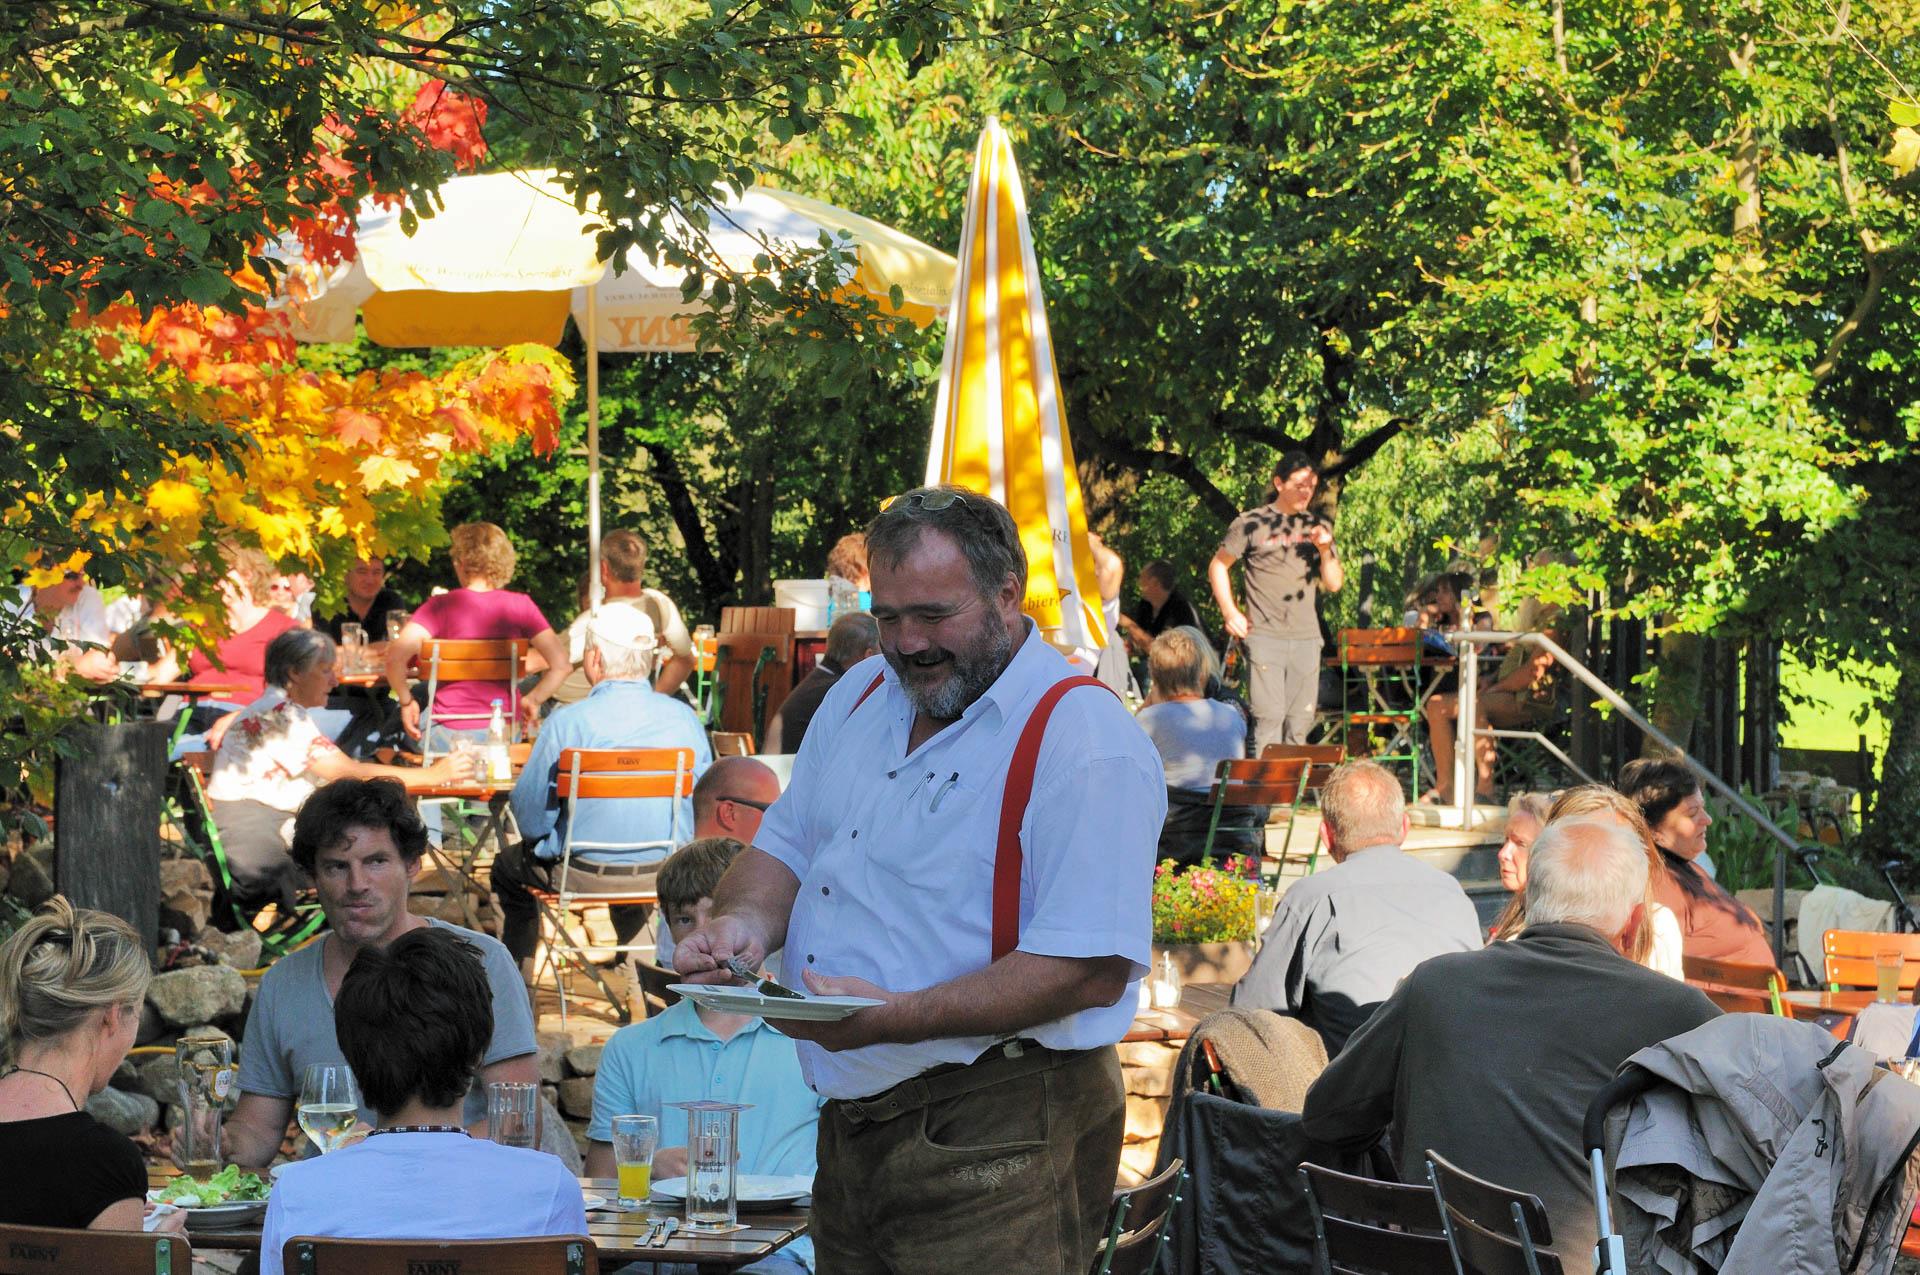 Adelbert das Original kümmert sich ums Wohl der Gäste im Biergarten des Gasthaus Seerose in Nitzenweiler bei Kressbronn am Bodensee